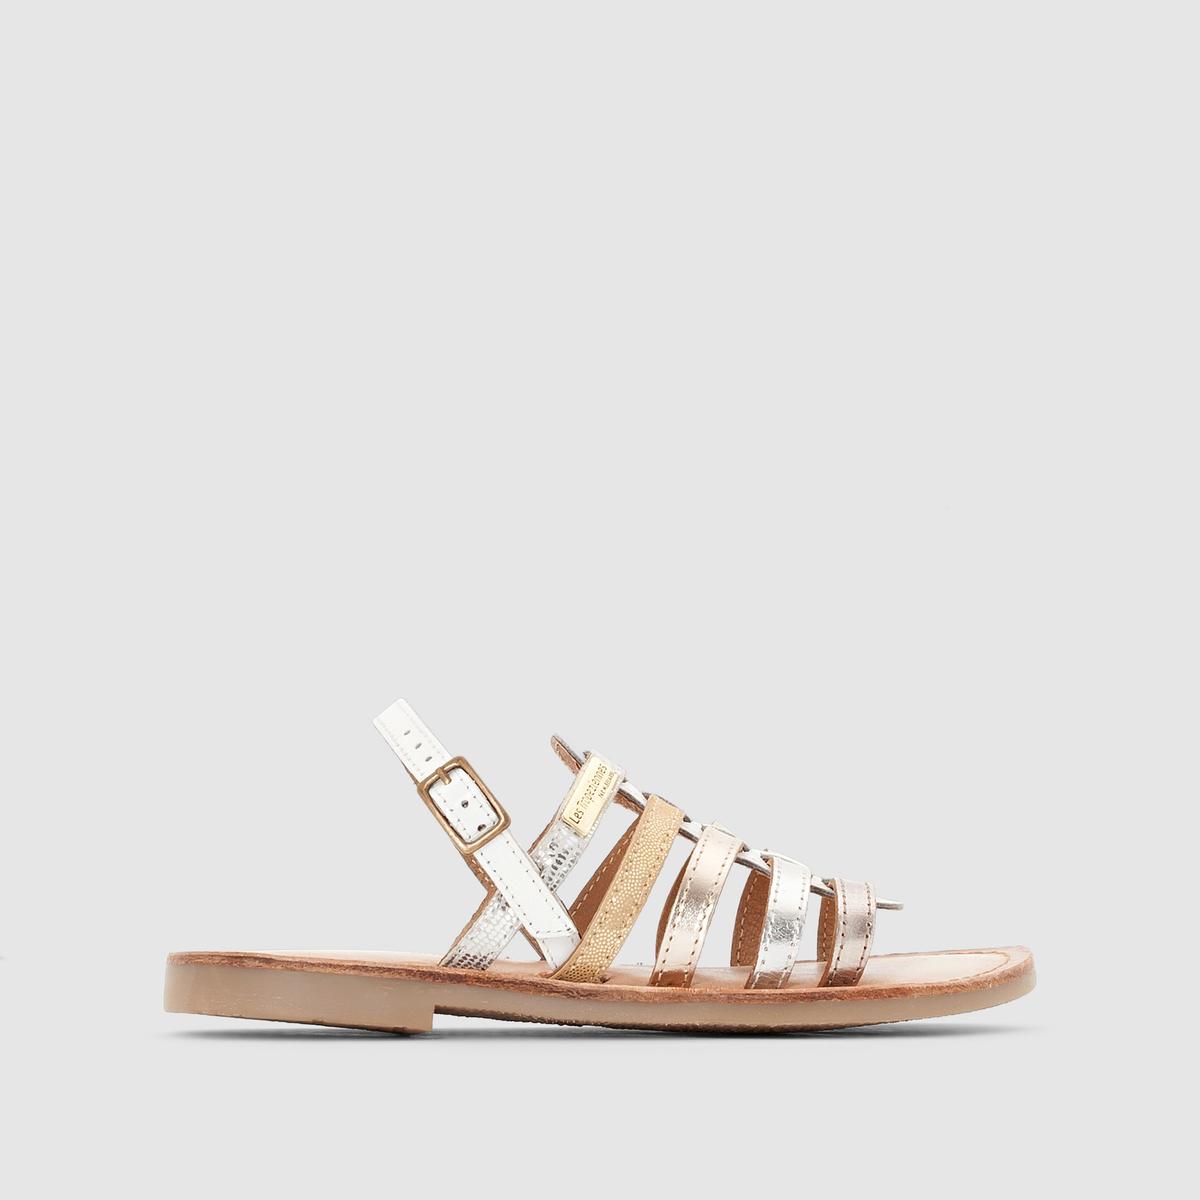 Сандалии LES TROPEZIENNES, MadisonПреимущества:   : сандалии от LES TROPEZIENNES в аутентичном стиле просто незаменимы в этом сезоне в сочетании с небольшим платьем или джинсами .<br><br>Цвет: белый<br>Размер: 29